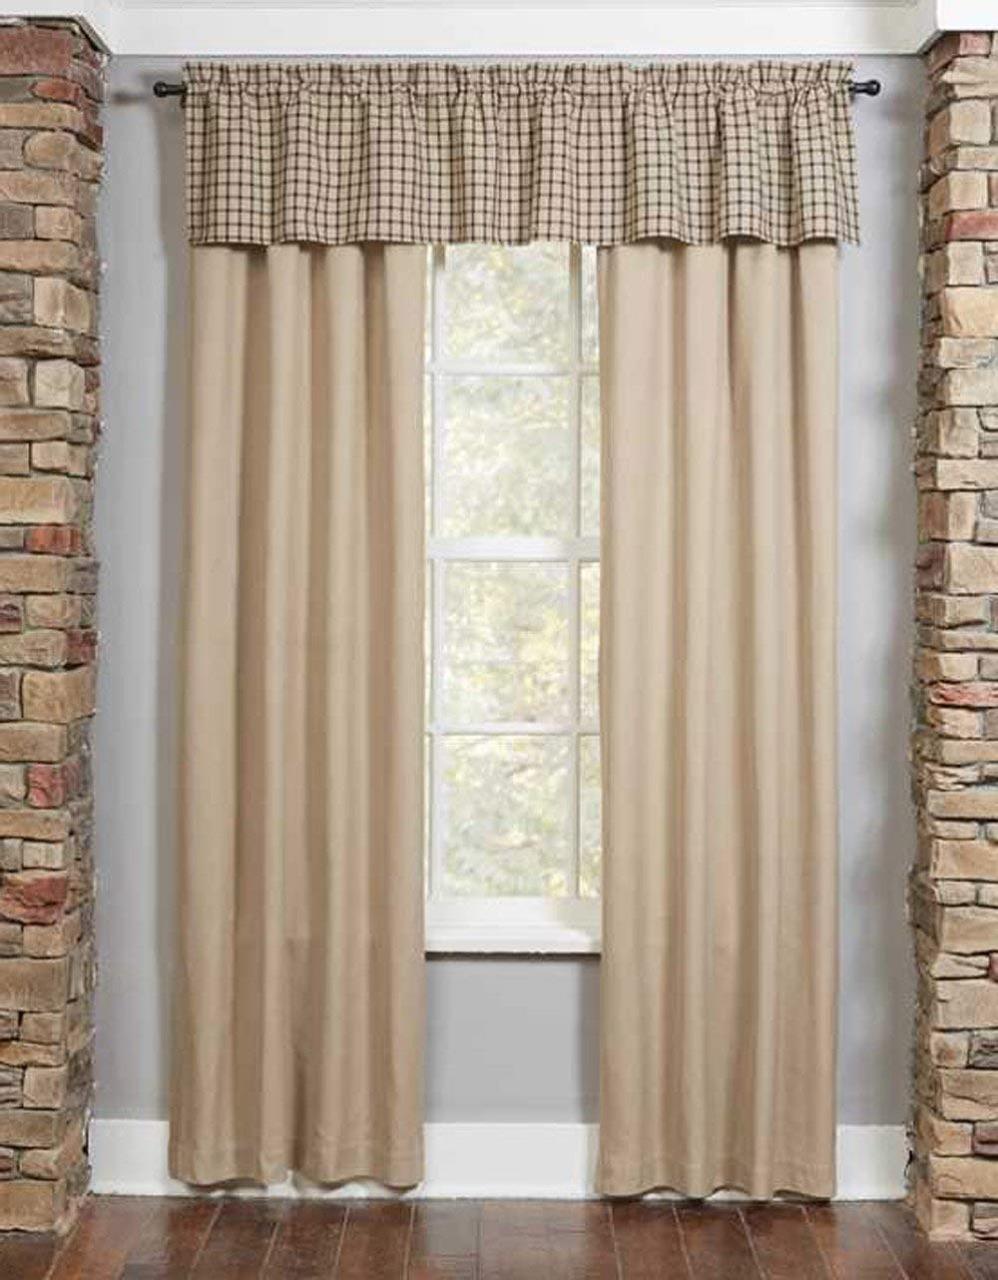 Farmington Oatmeal Check Curtain & Valances - 608614380060